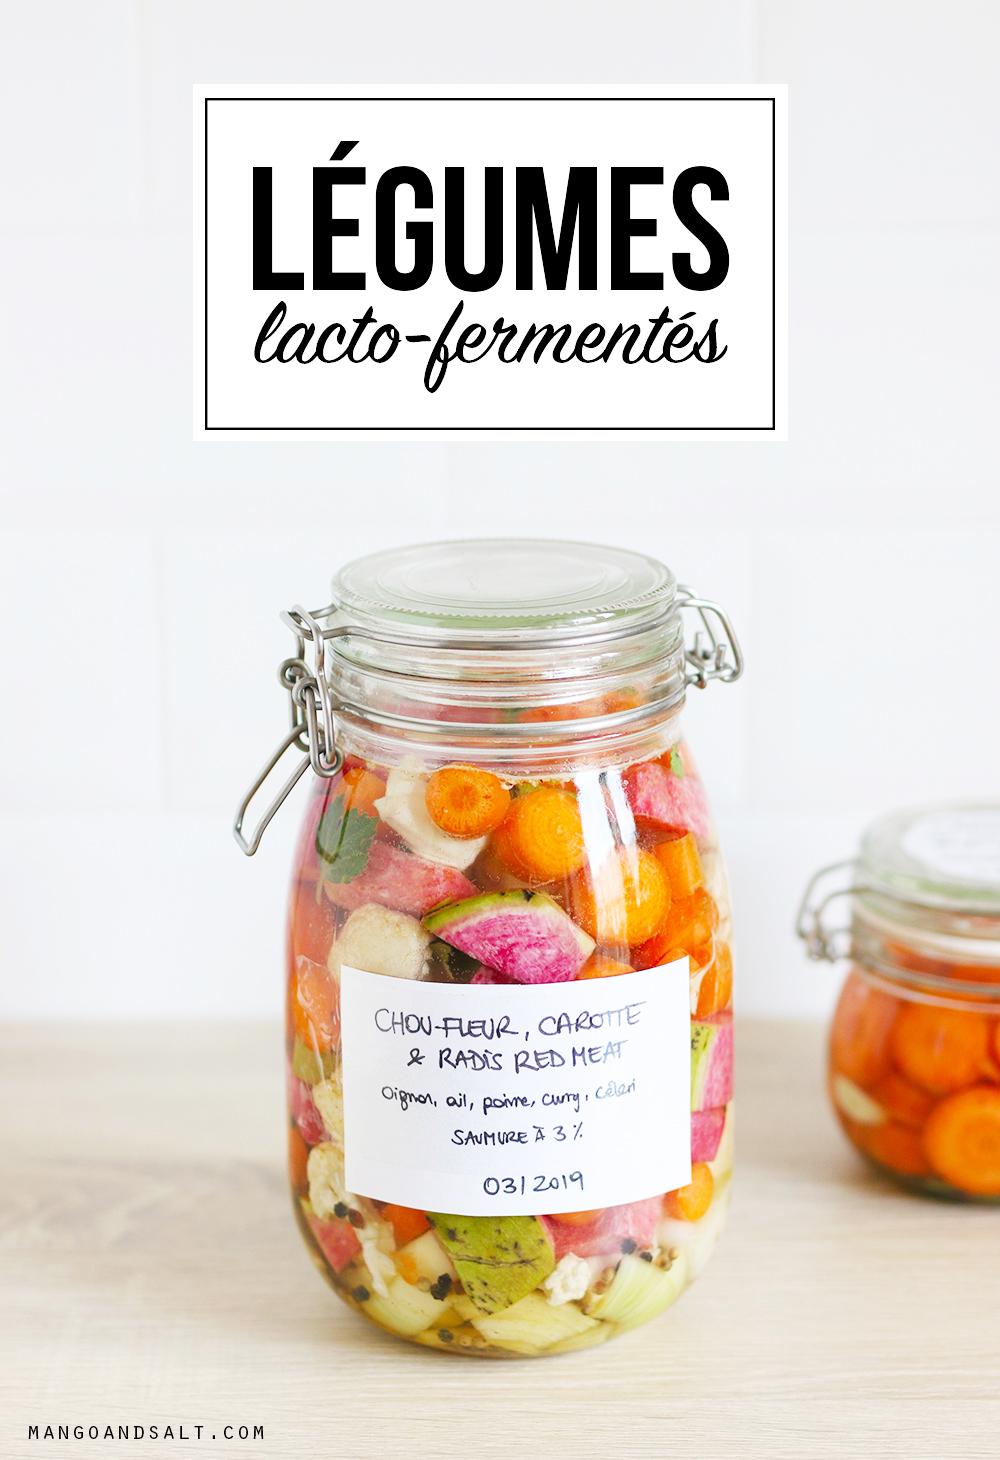 Légumes lacto-fermentés - Mango & Salt